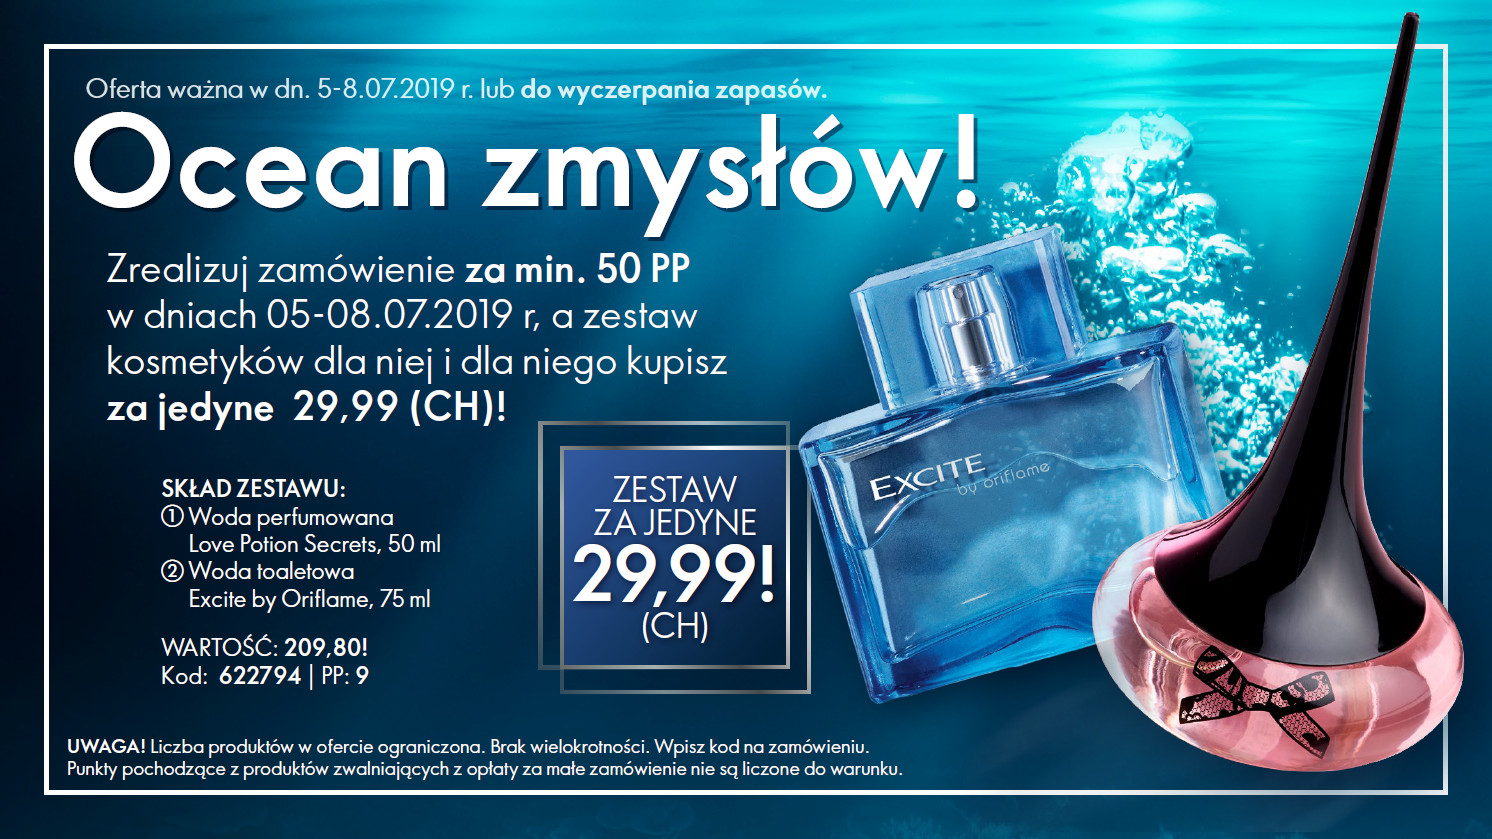 2 zapachy Oriflame